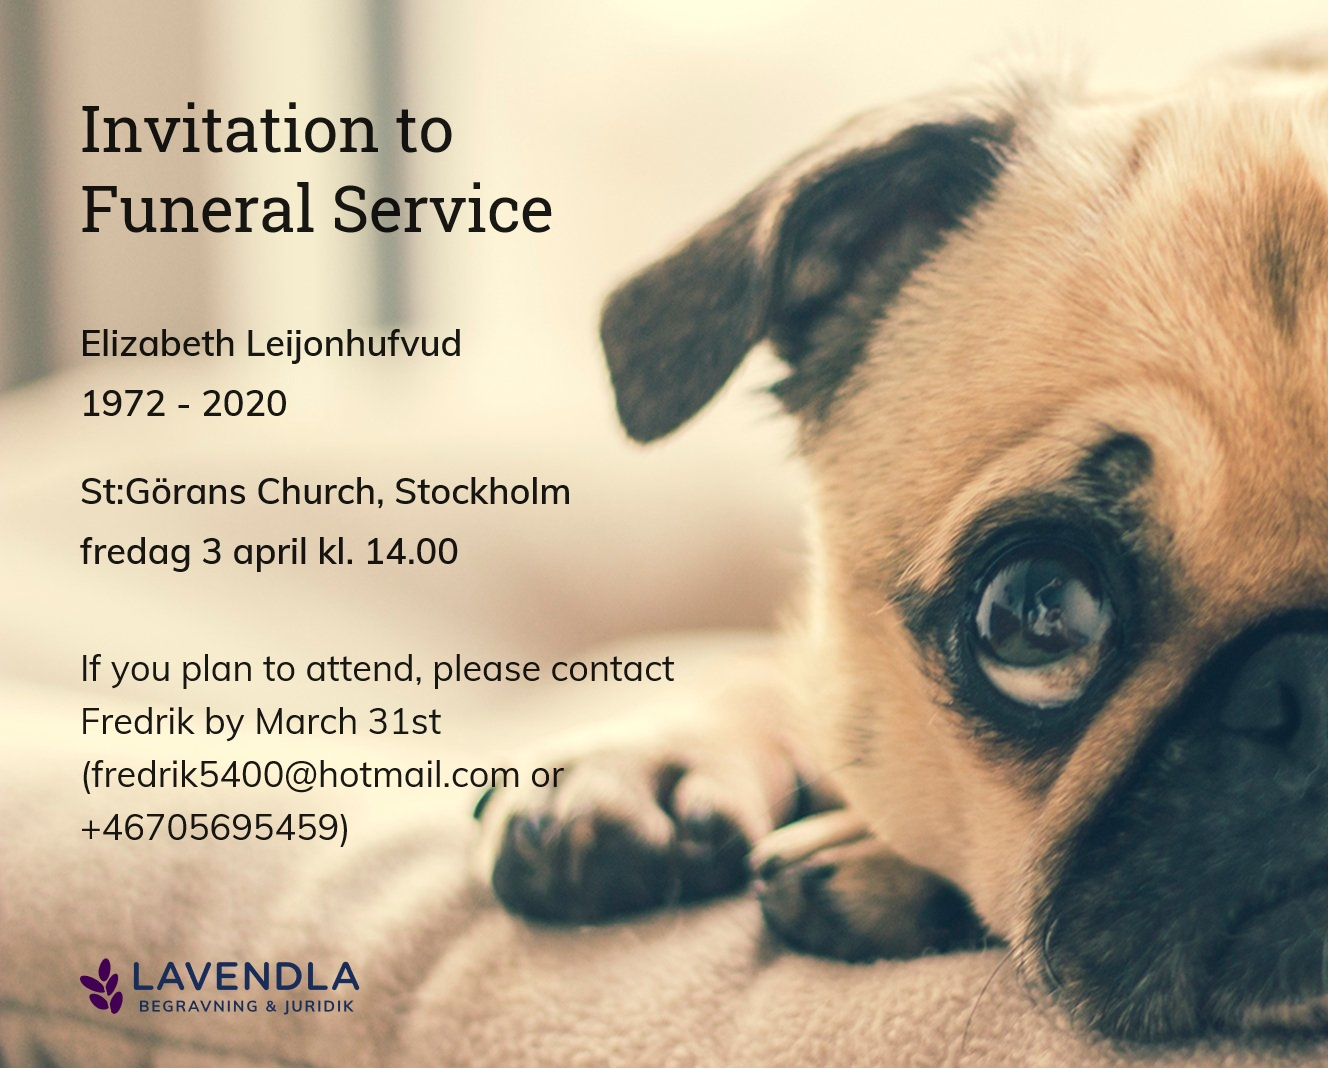 Inbjudningskort till ceremonin för Elizabeth Leijonhufvud